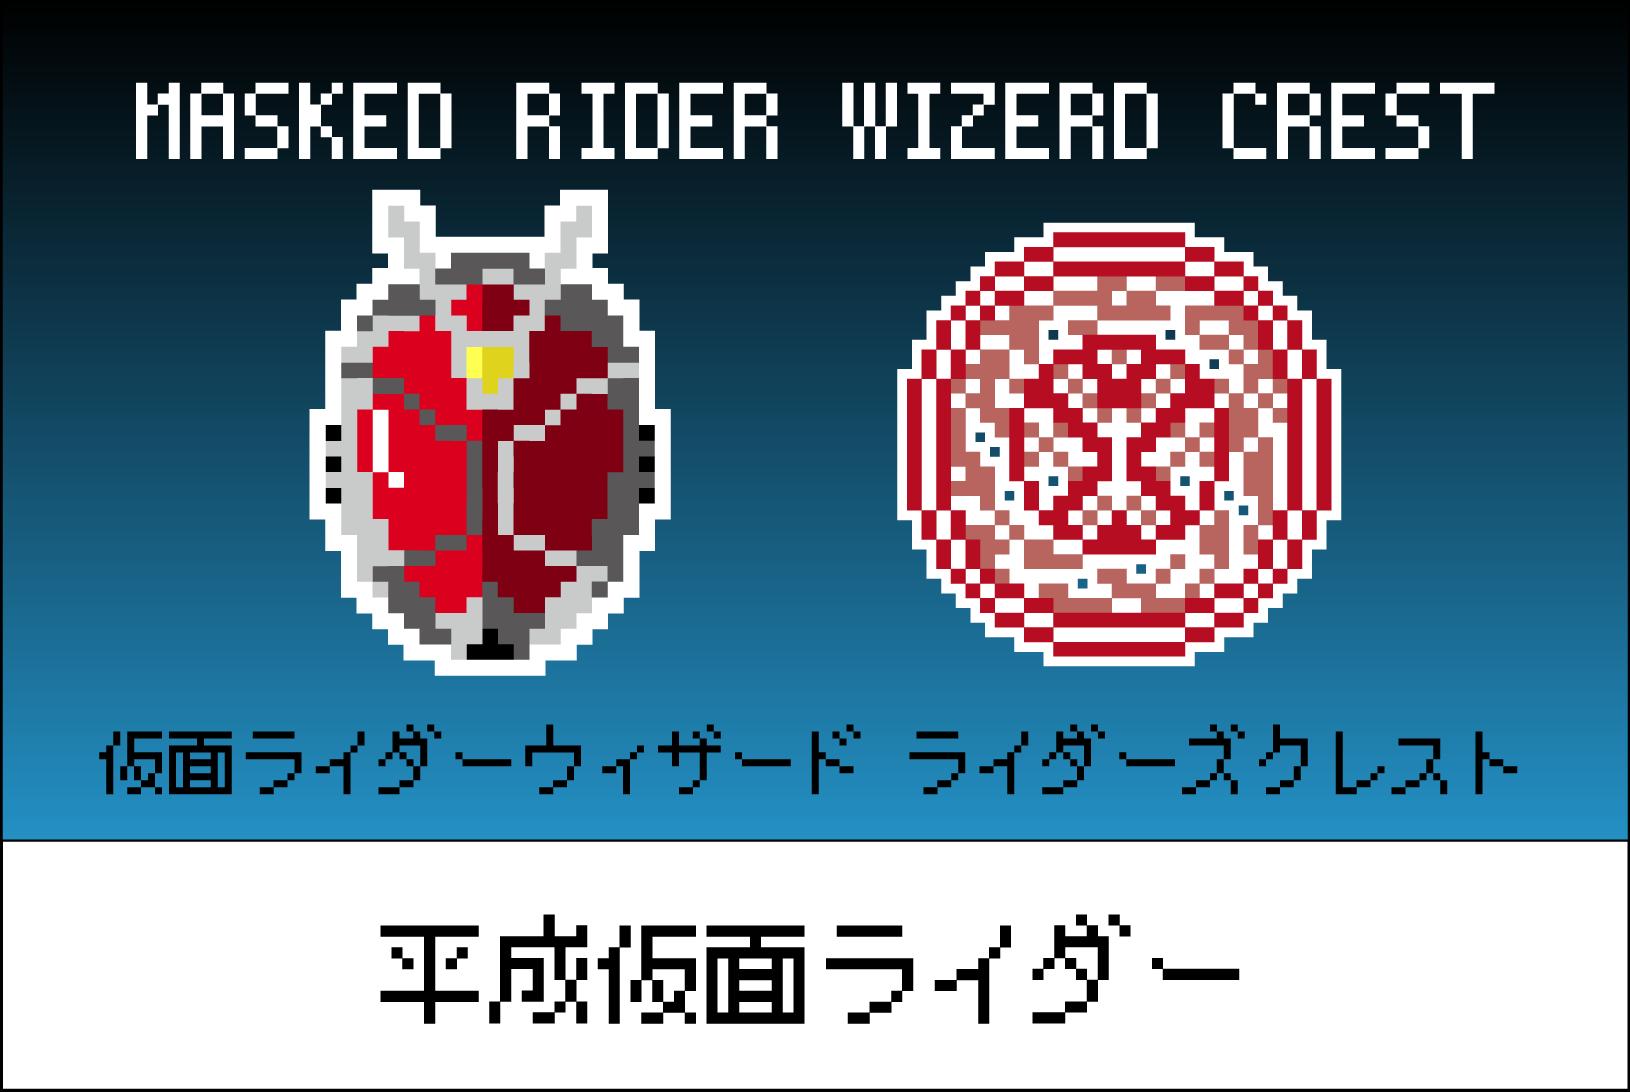 【平成仮面ライダーシリーズ】仮面ライダーウィザード ライダーズクレストの図案【紋章・マーク】